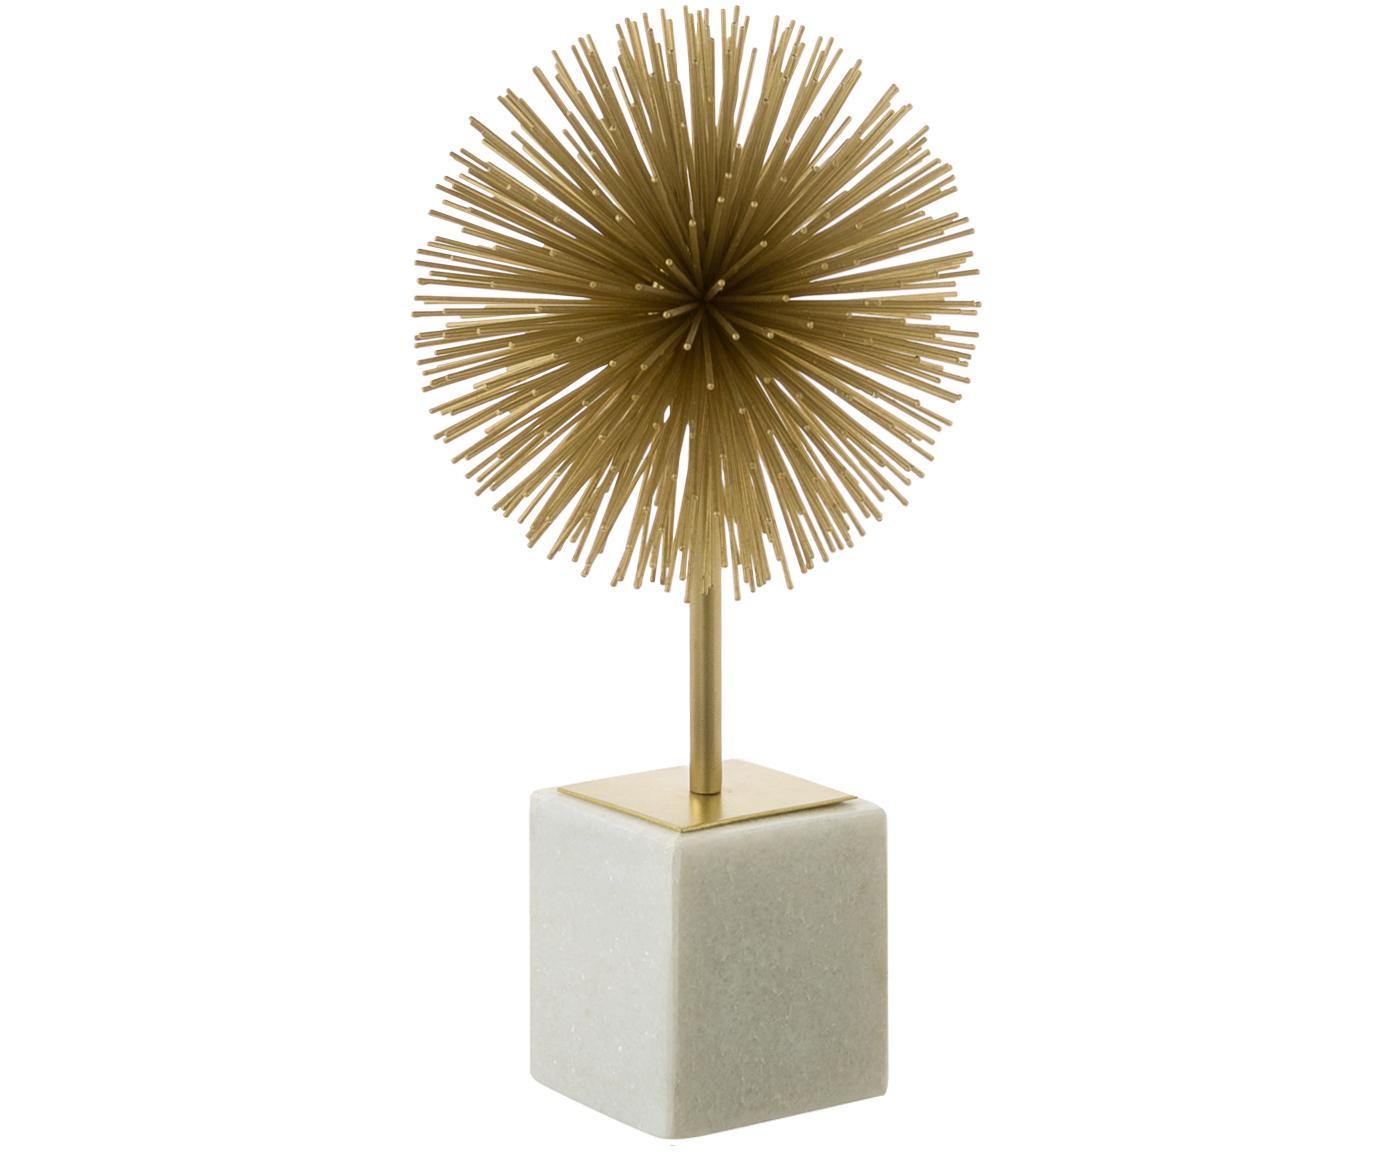 Deko-Objekt Marball, Aufsatz: Metall, Unterseite: Filz, Goldfarben, Weiss, H 30 cm